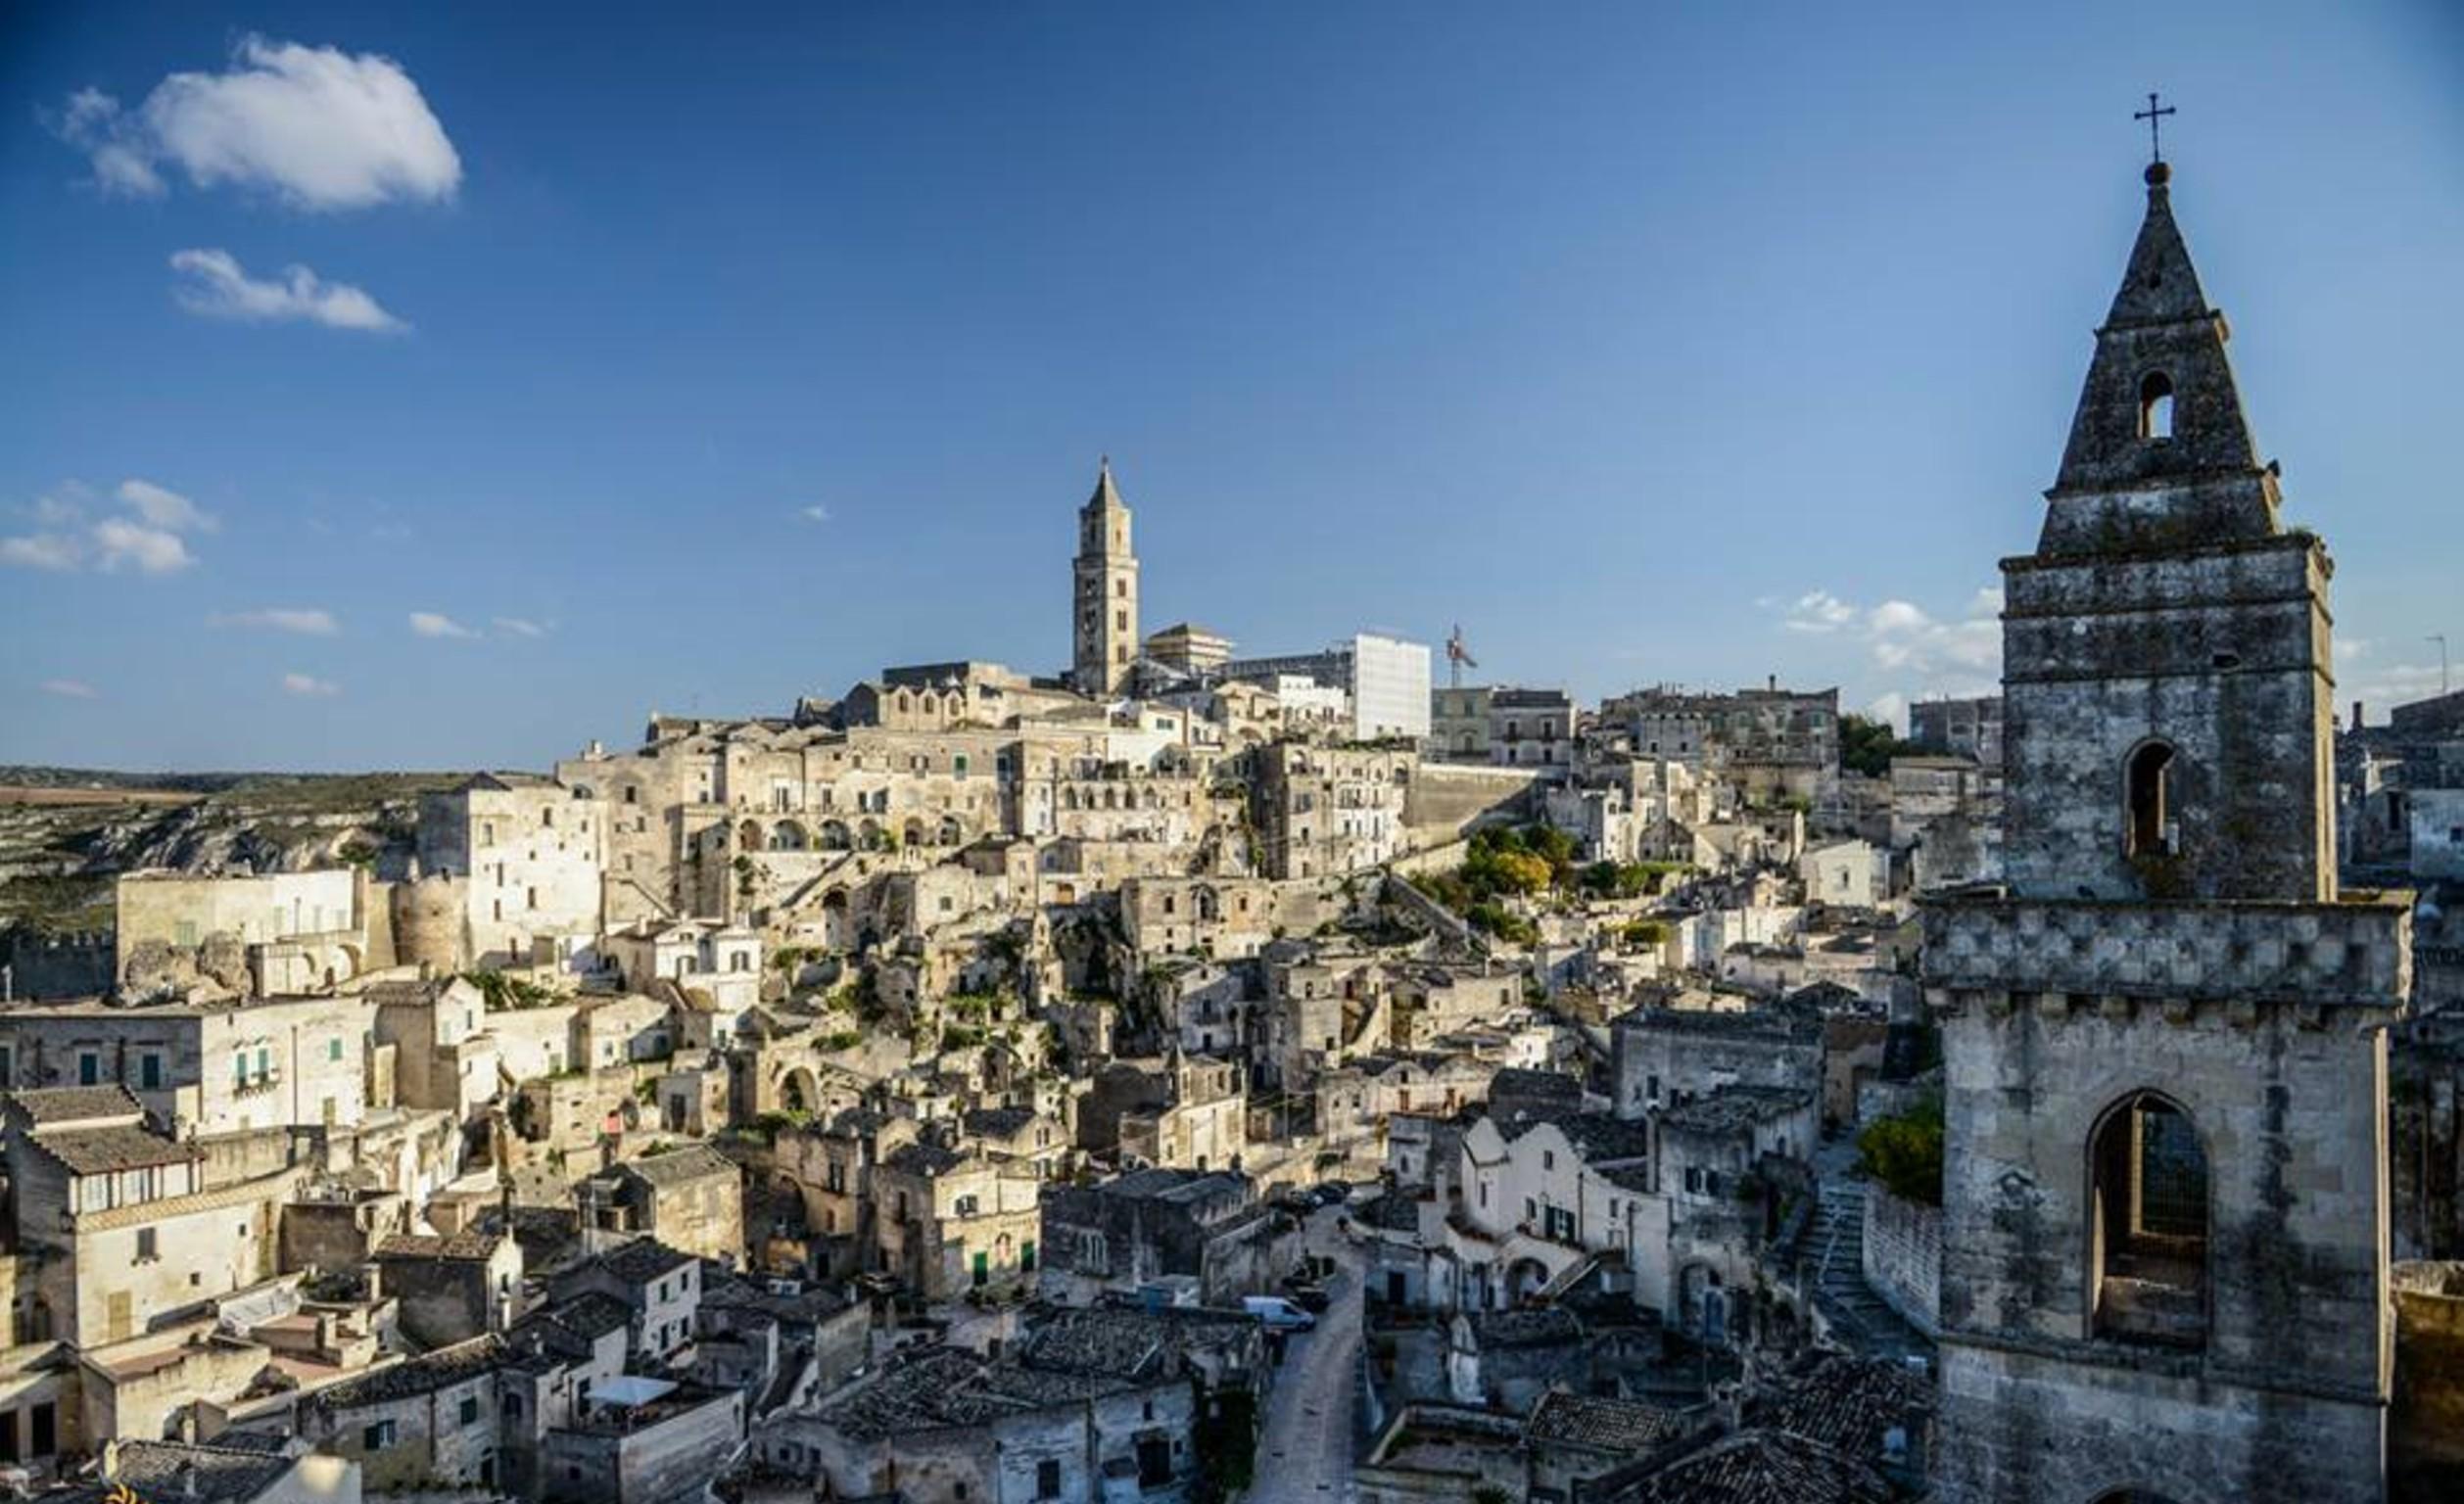 Ferienwohnung  (2688167), Matera, Matera, Basilikata, Italien, Bild 18